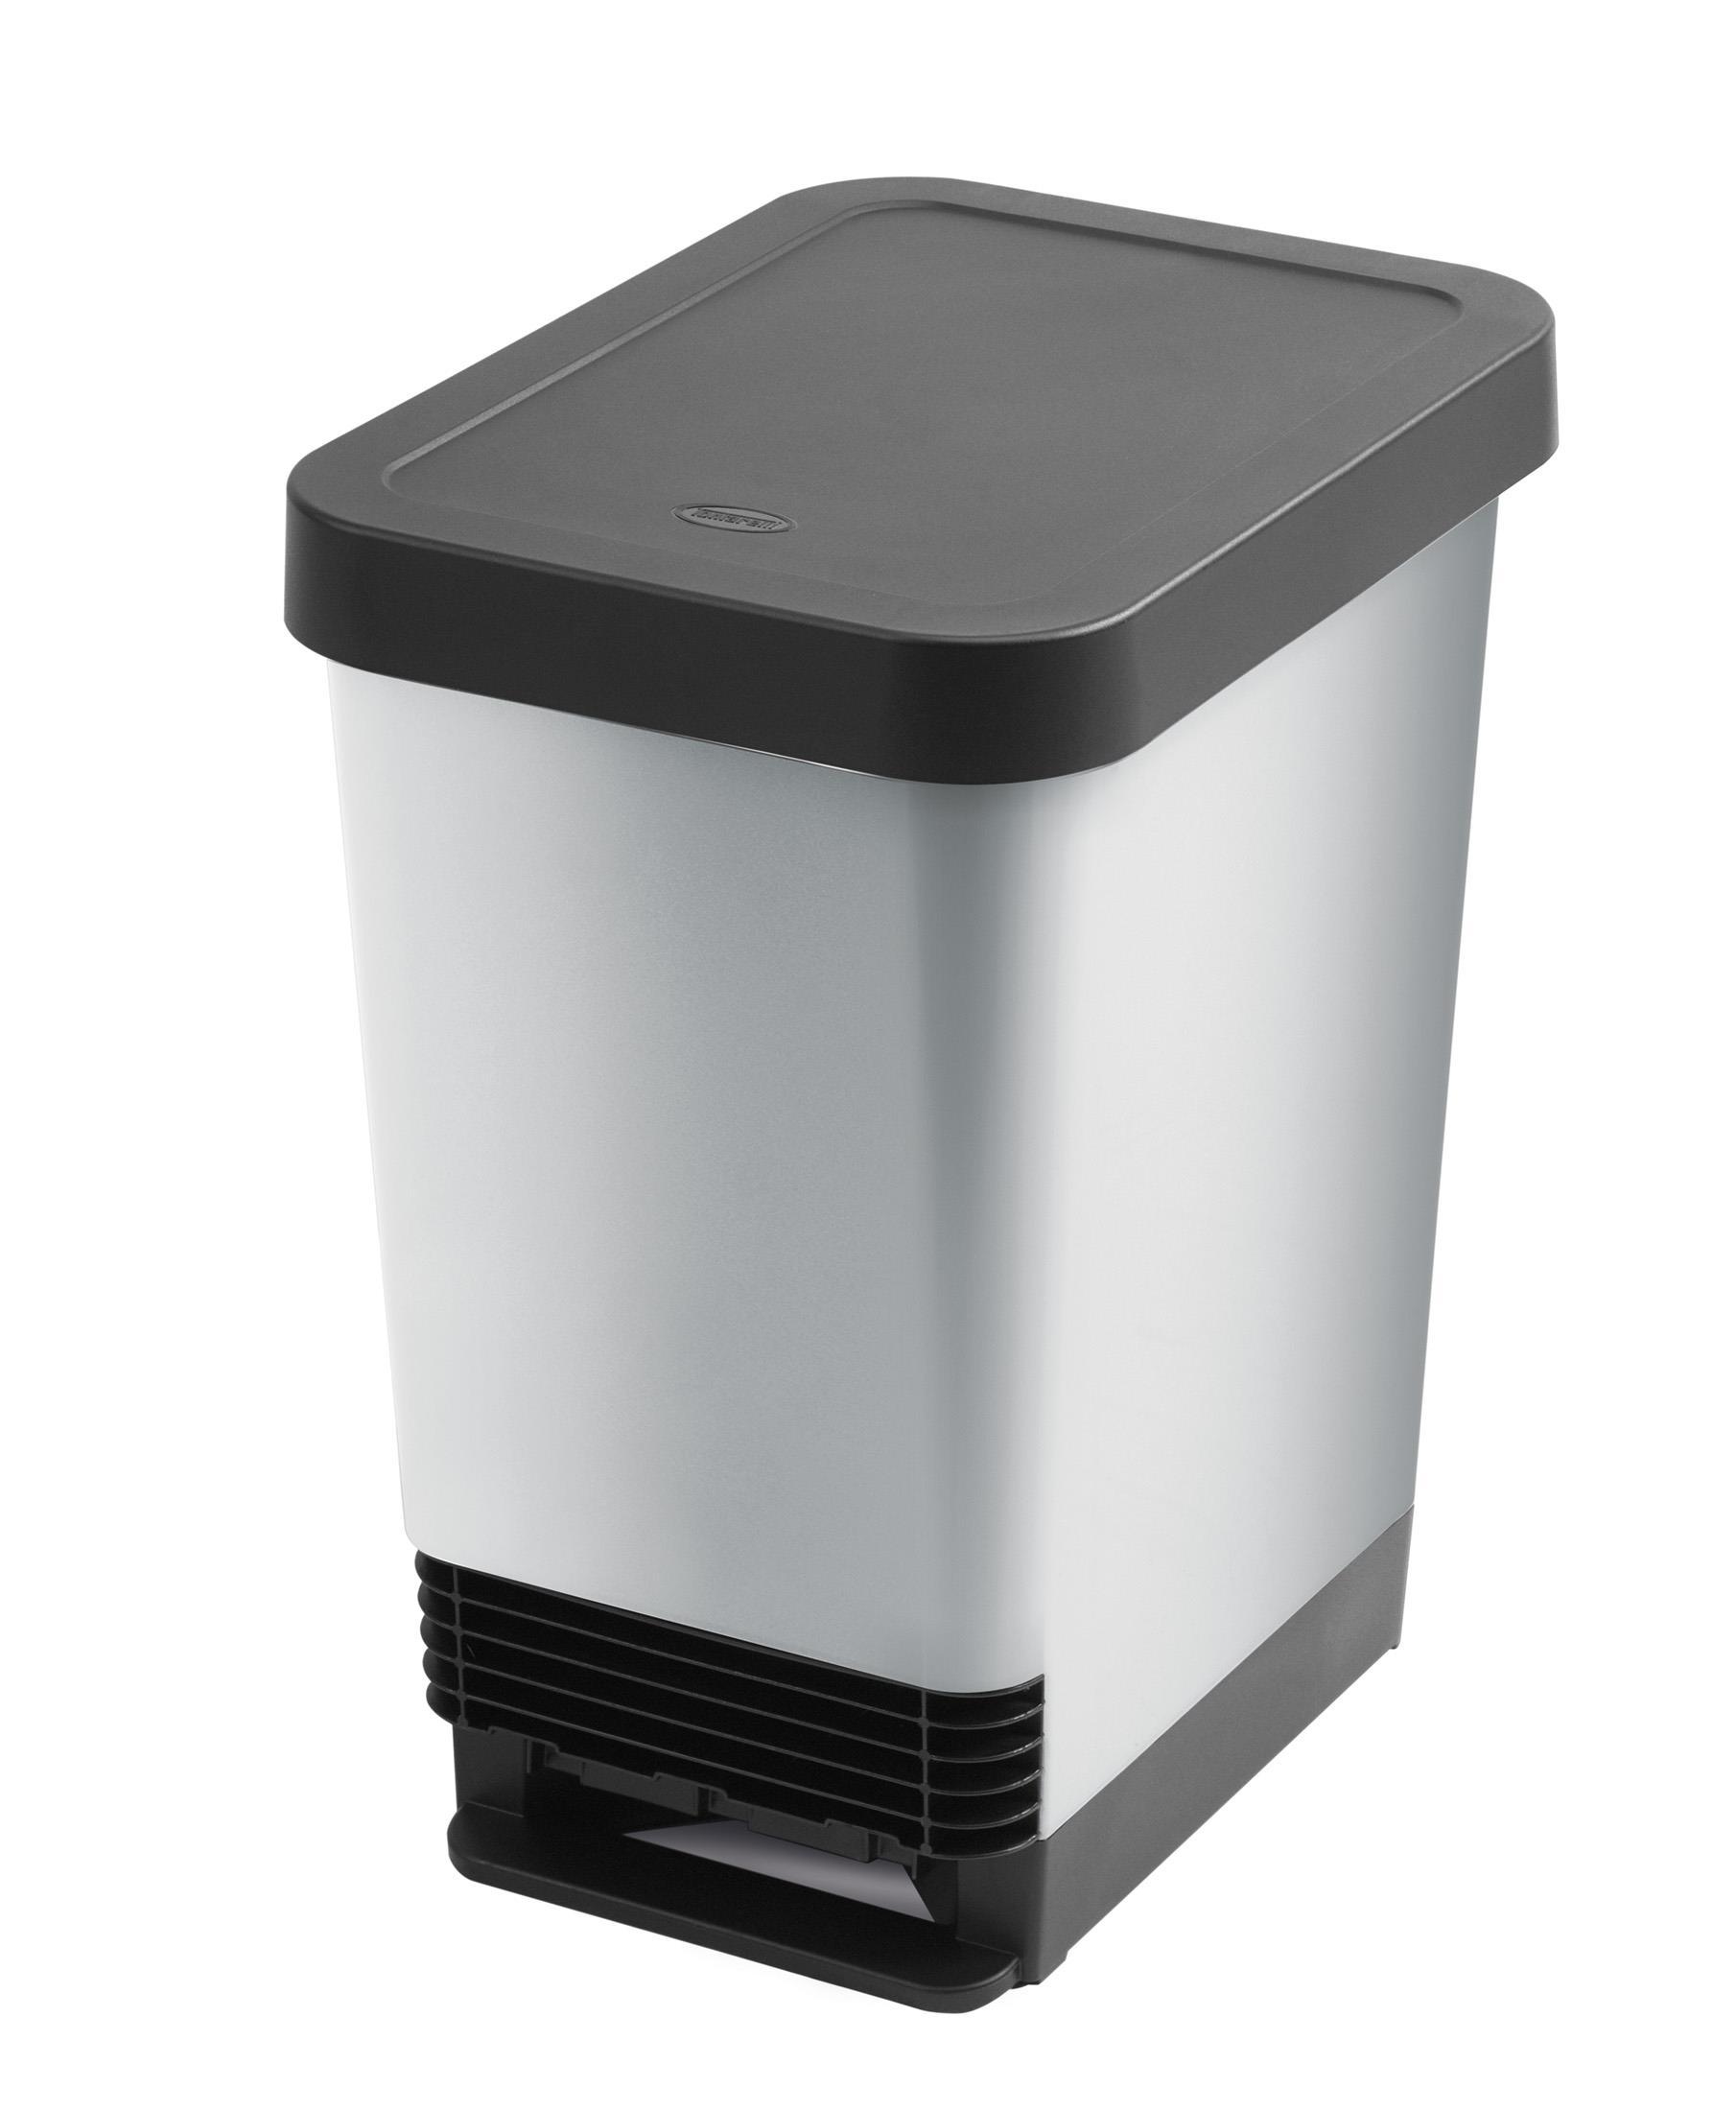 פח אשפה למטבח 25 ליטר - Curver דגם Deco Bin Slim